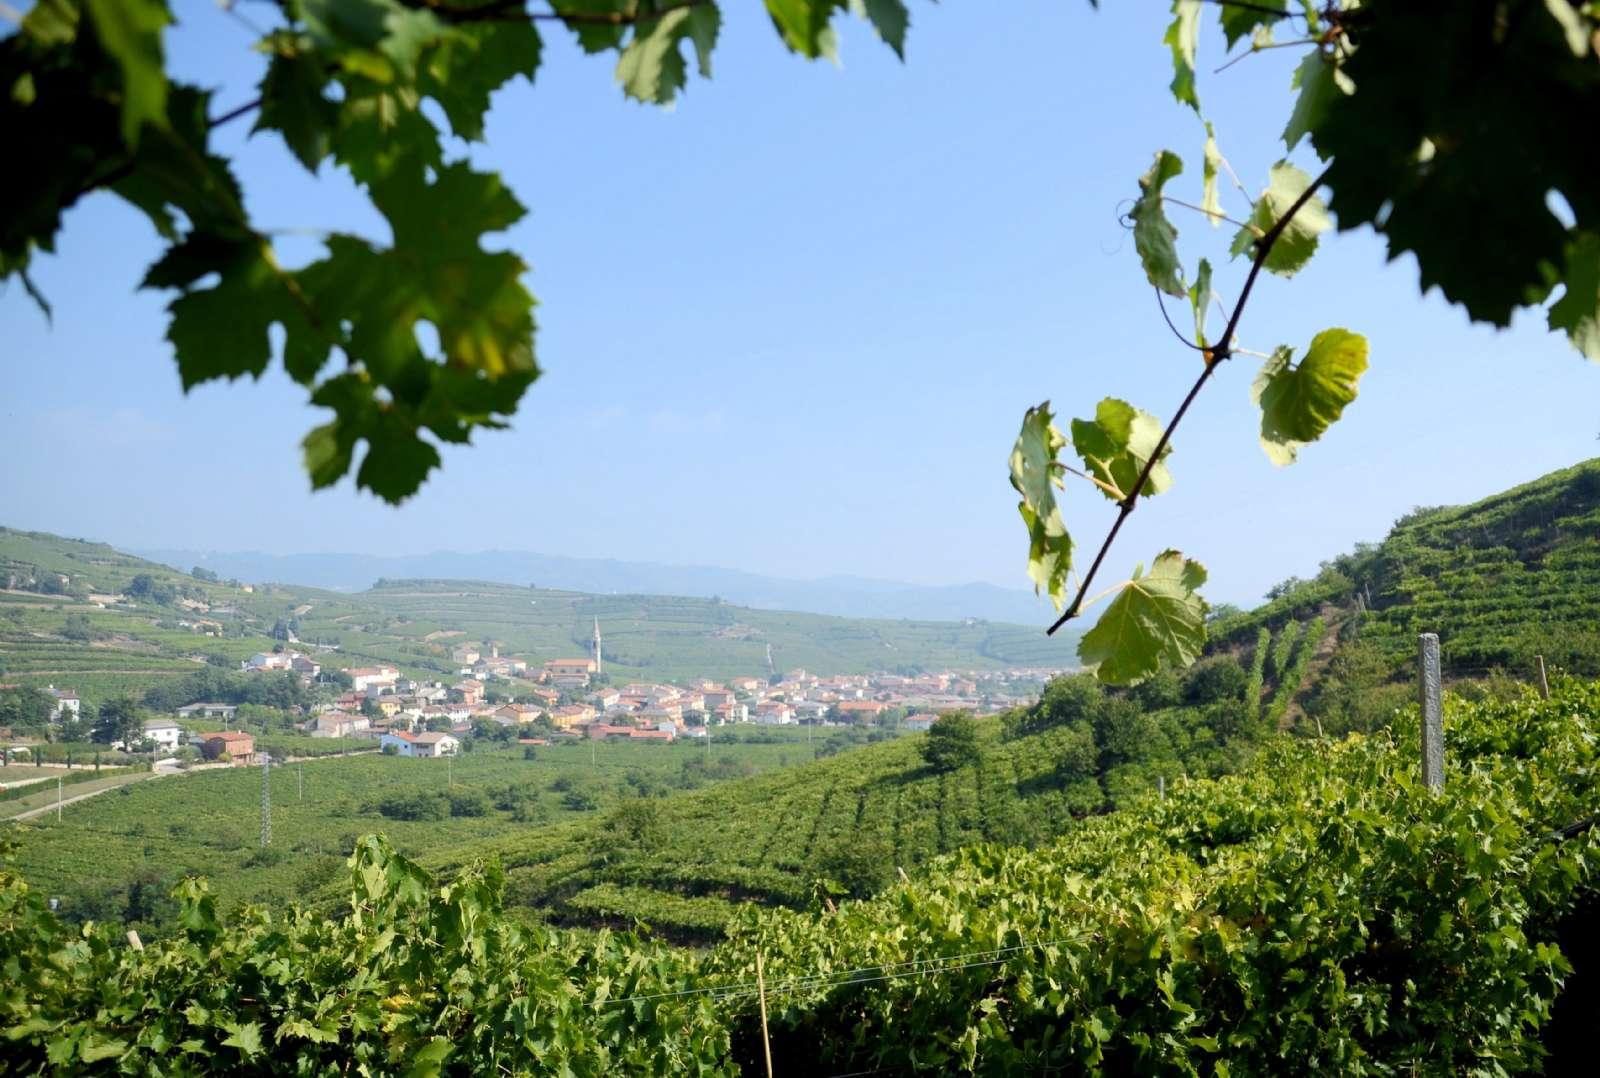 Des petits villages immergés dans les vignes